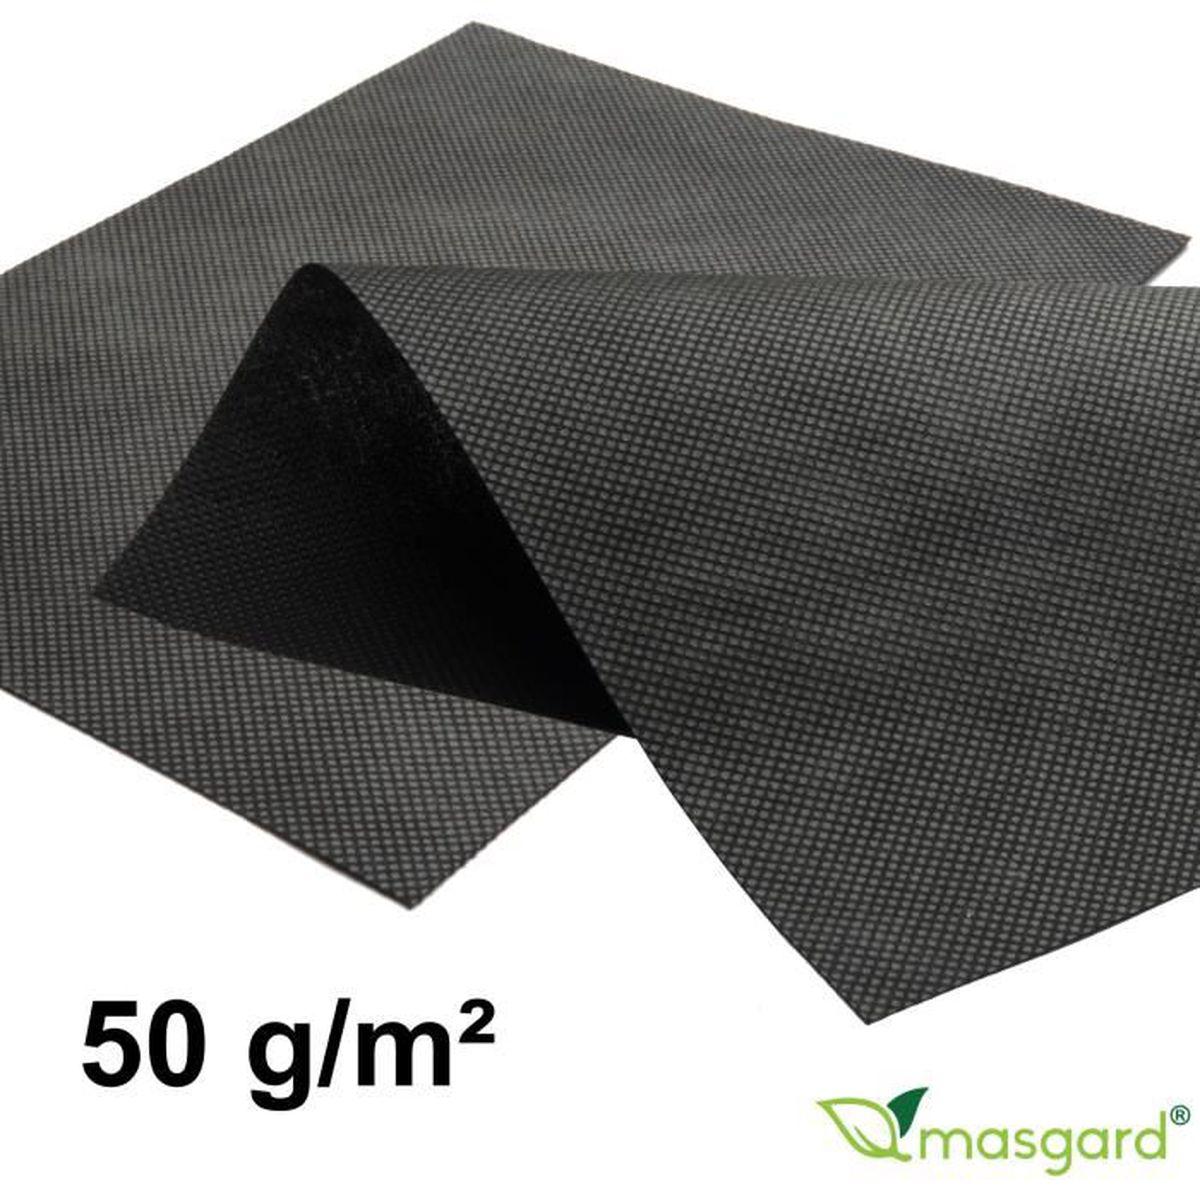 geotextile noir achat vente geotextile noir pas cher cdiscount. Black Bedroom Furniture Sets. Home Design Ideas